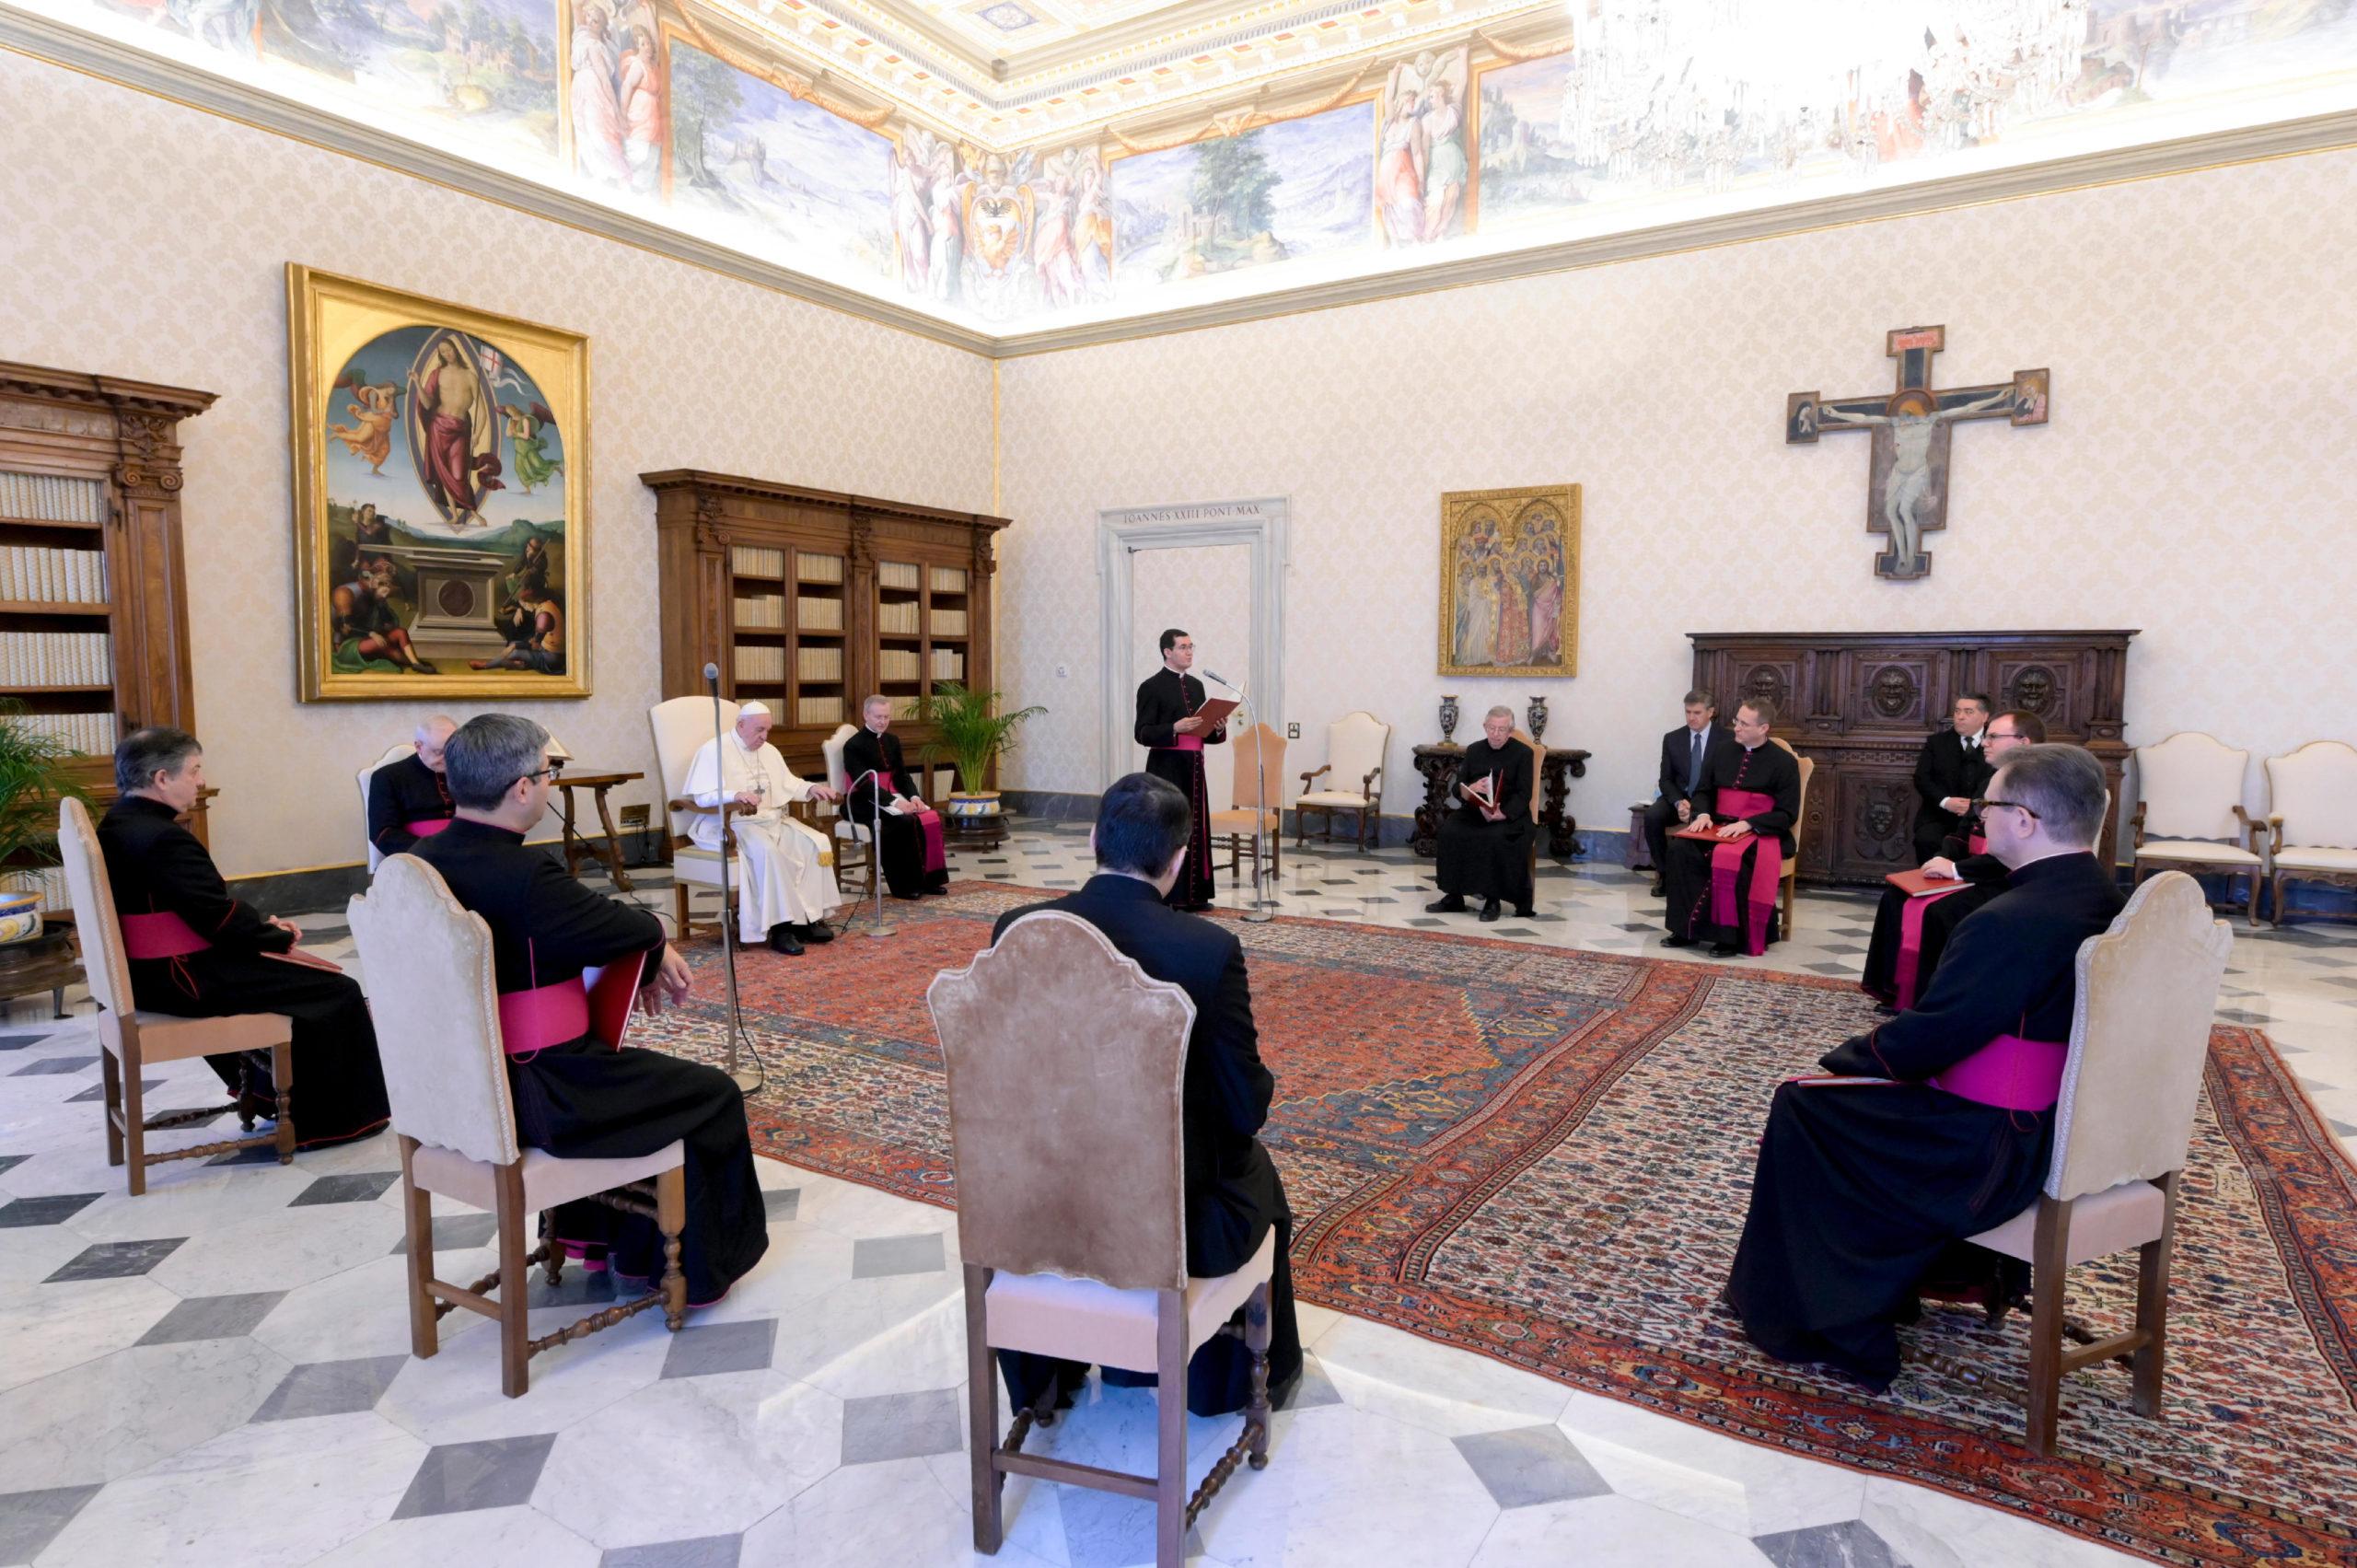 Audiencia general del Papa Francisco, 6 mayo 2020 © Vatican Media